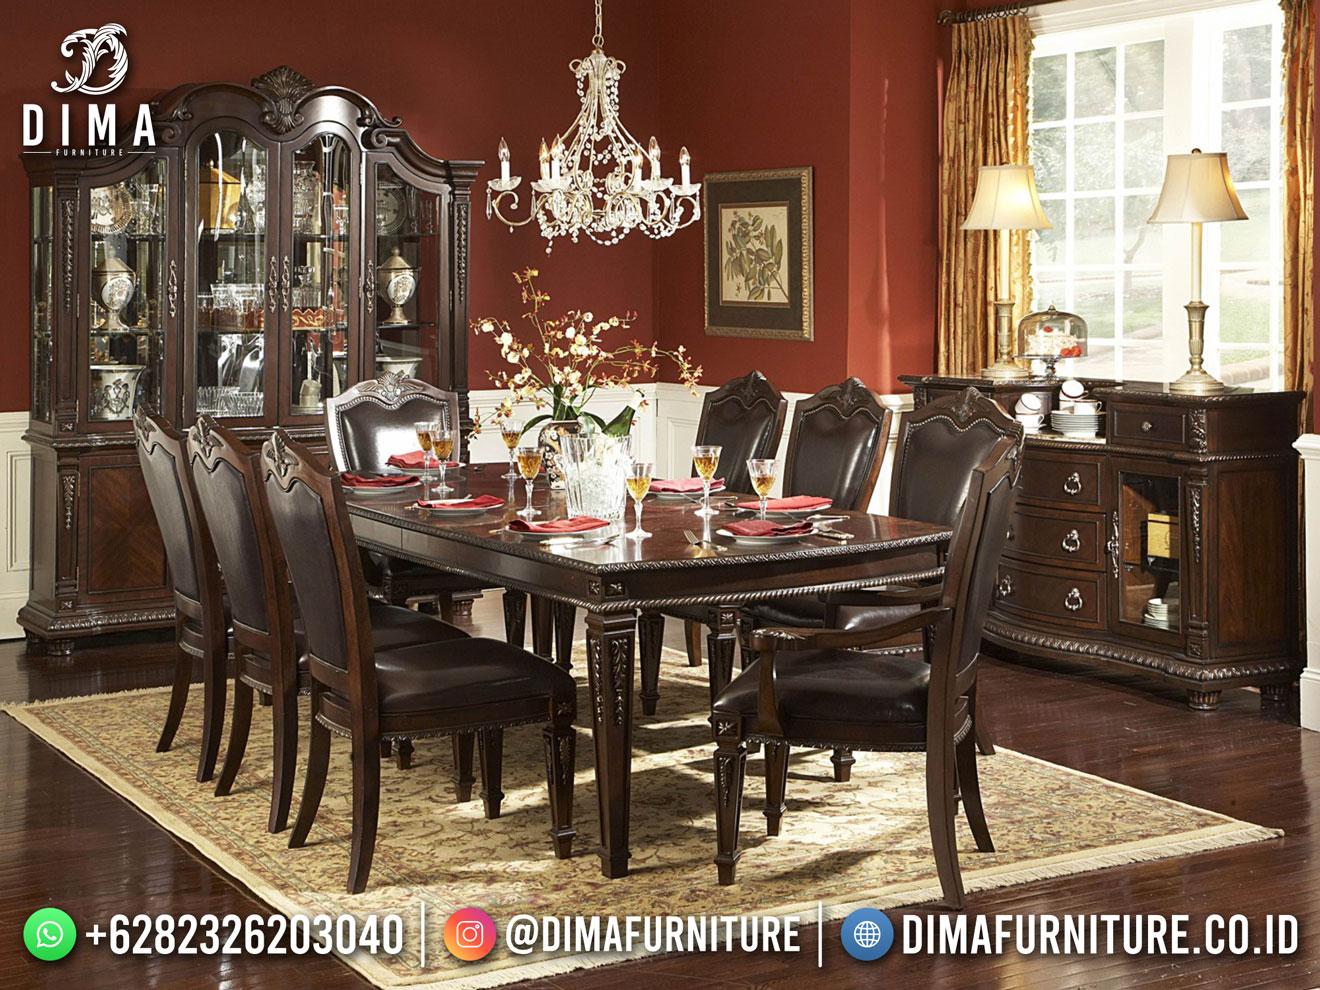 Furniture Jepara Meja Makan Jati Jepara Natural Best Quality DF-1748